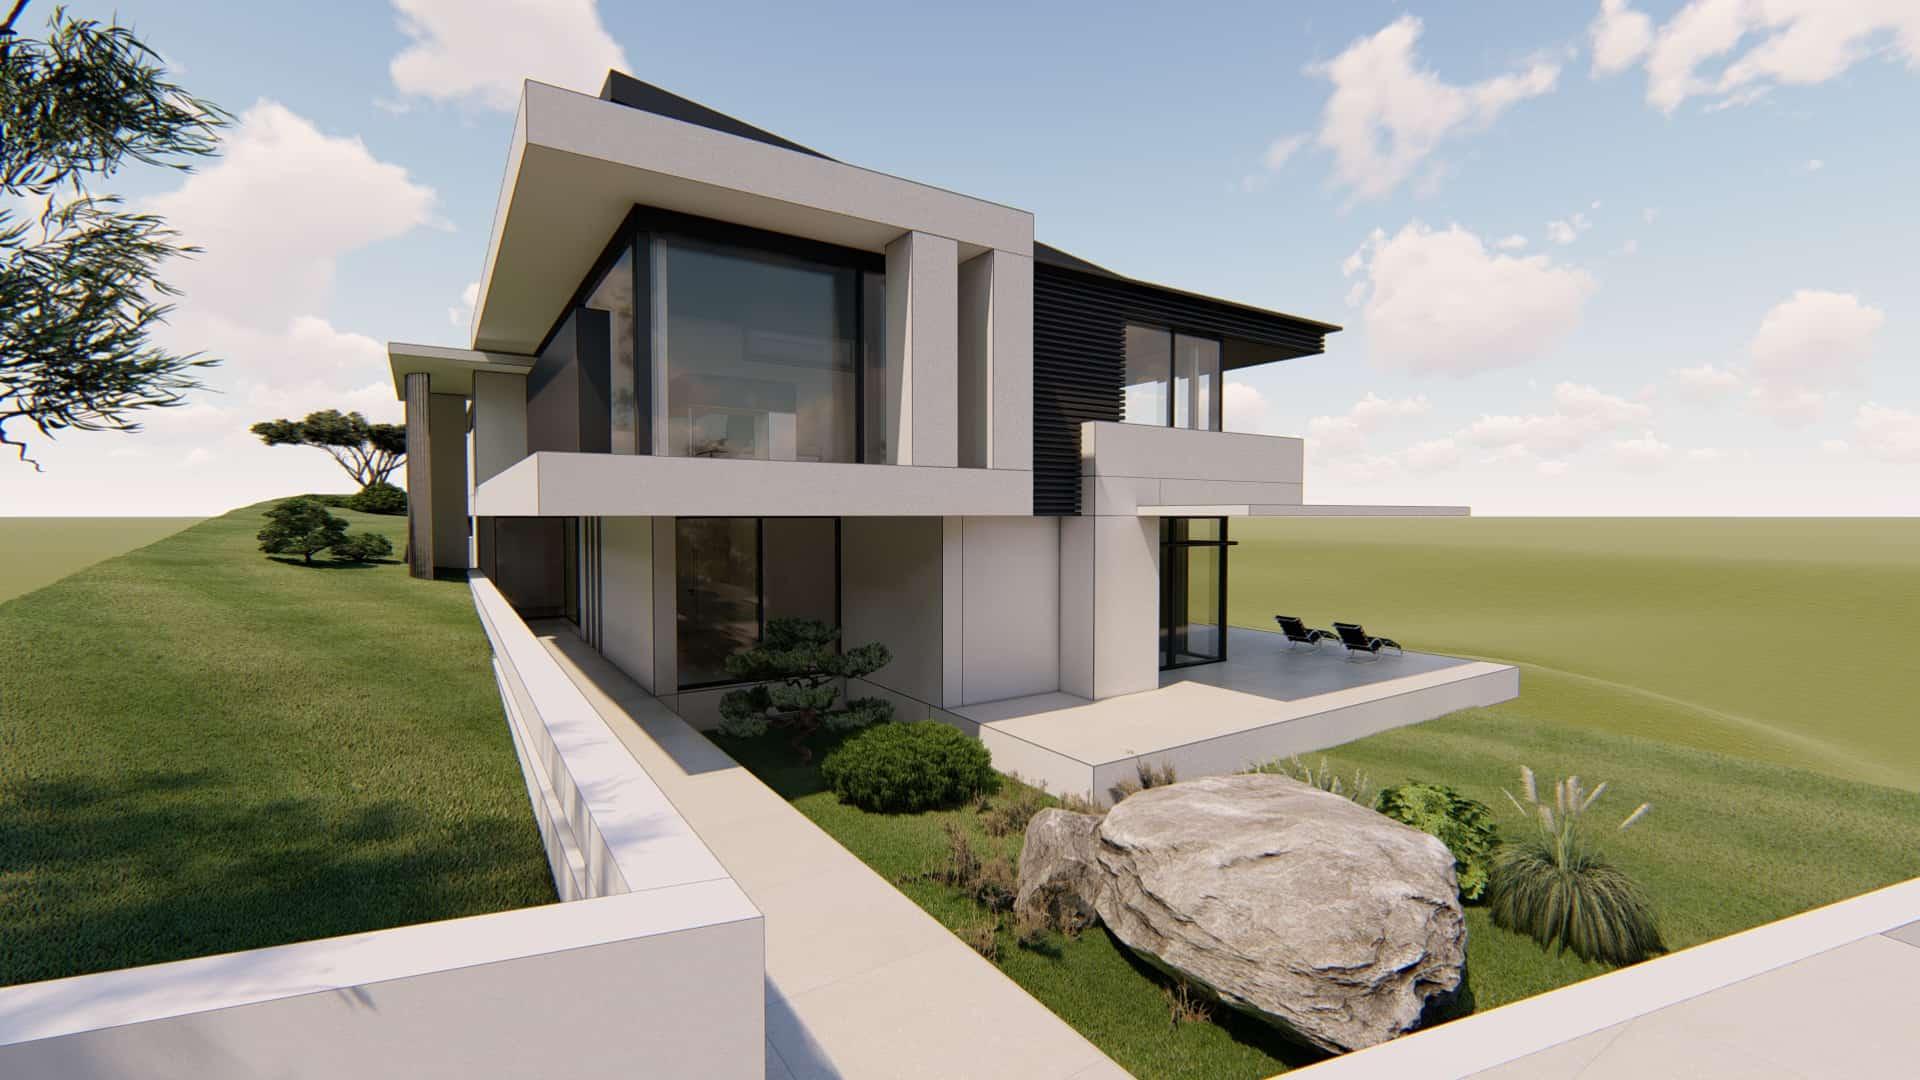 Villa Architekten Oberfranken